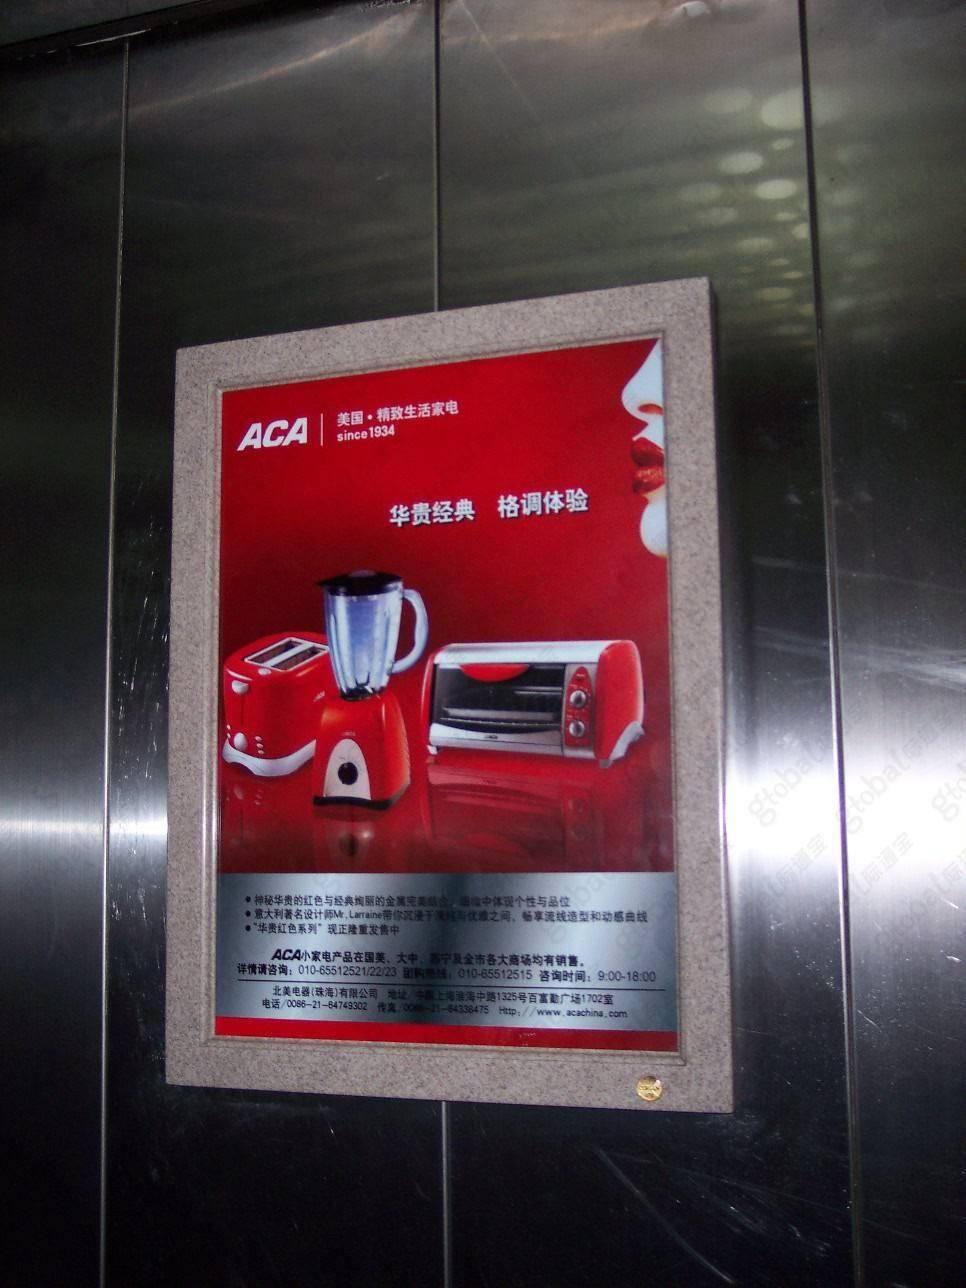 涿州广告公司广告牌框架3.0投放(100框起投)